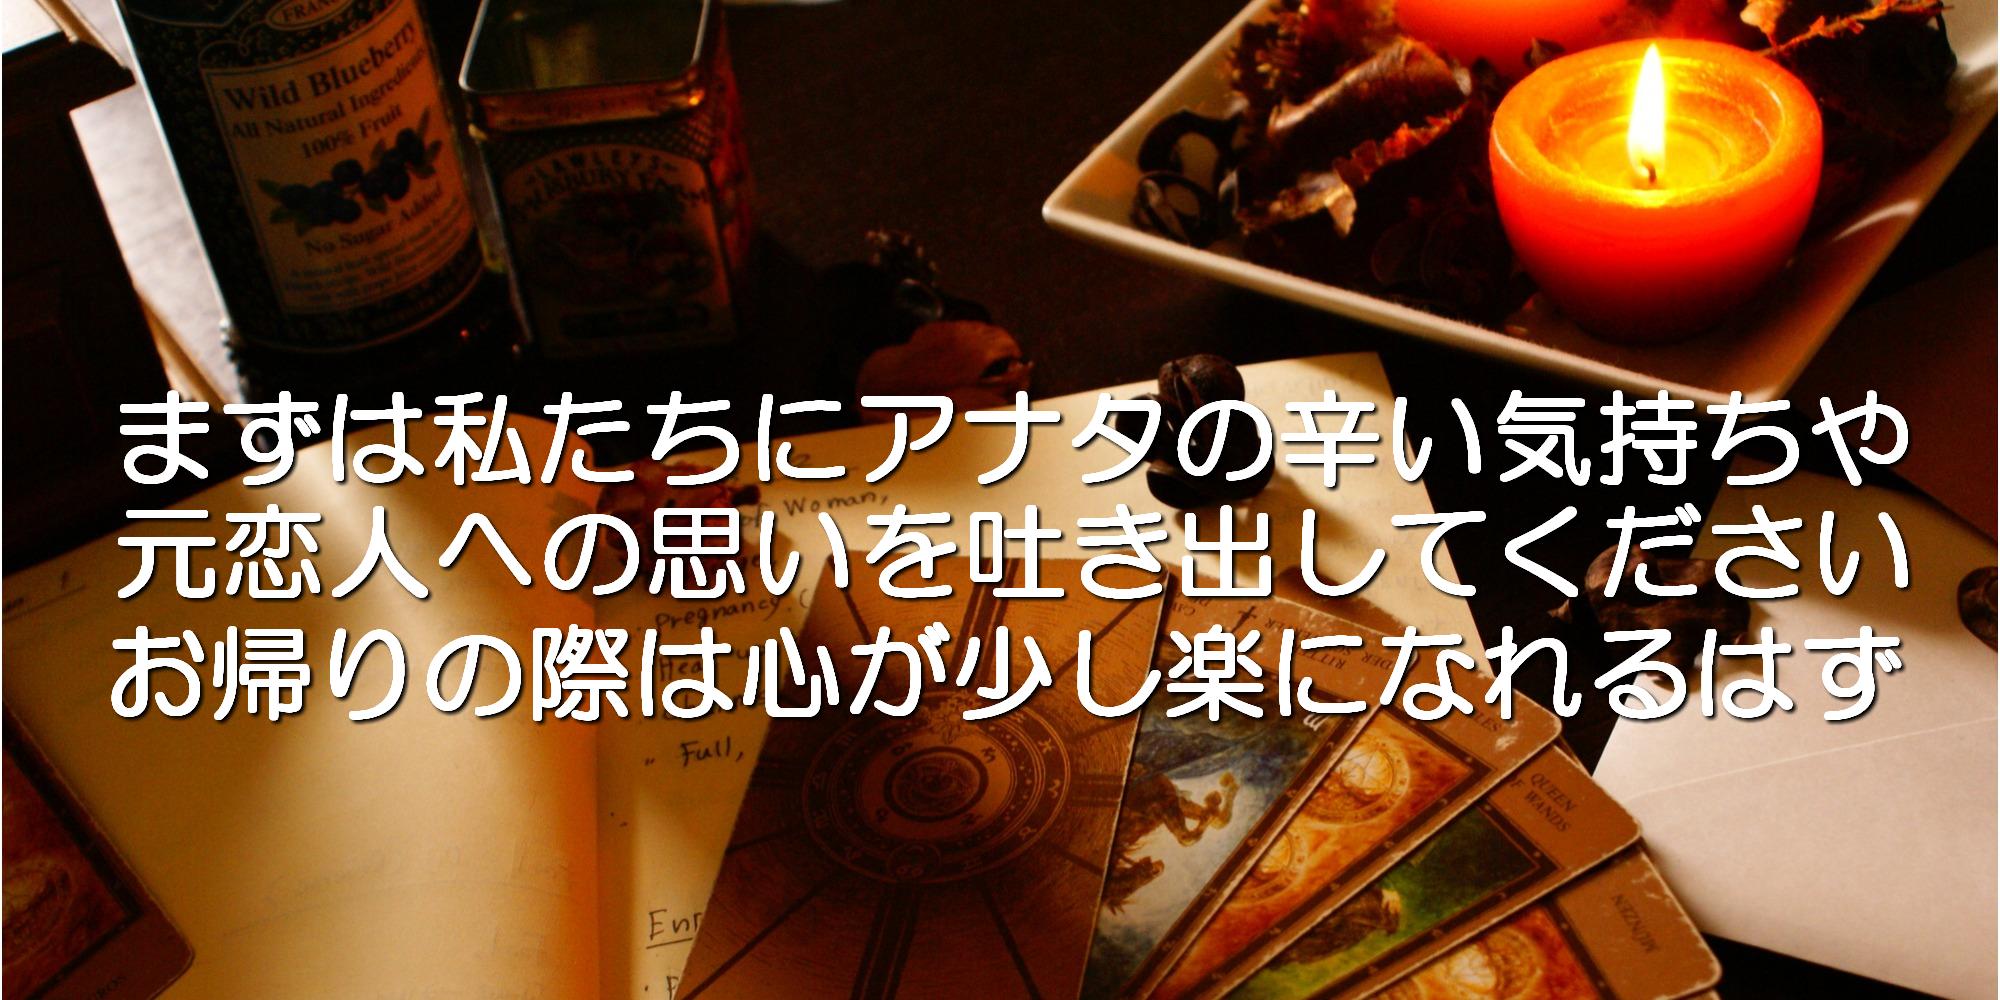 東京渋谷占いなら復縁・不倫・片思いに強い婚活もできる占い館BCAFE(ビーカフェ)渋谷店にお任せ!占い個室完備だからアナタの辛い気持ちや思いのたけを全部吐き出してください。思いっきり泣いても大丈夫!